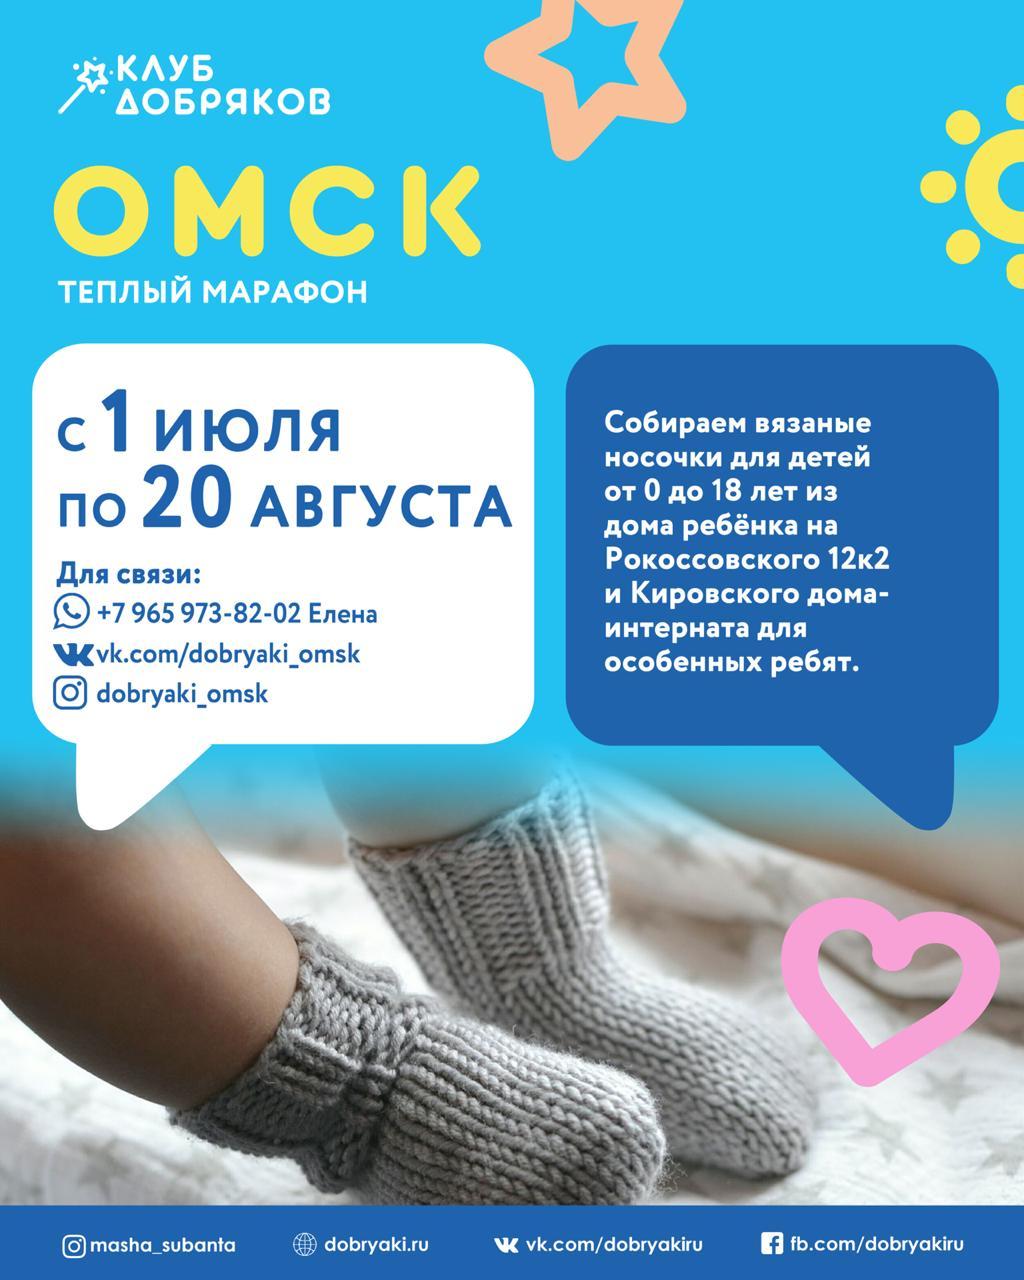 Добряки Омска вяжут носки для воспитанников детских домов